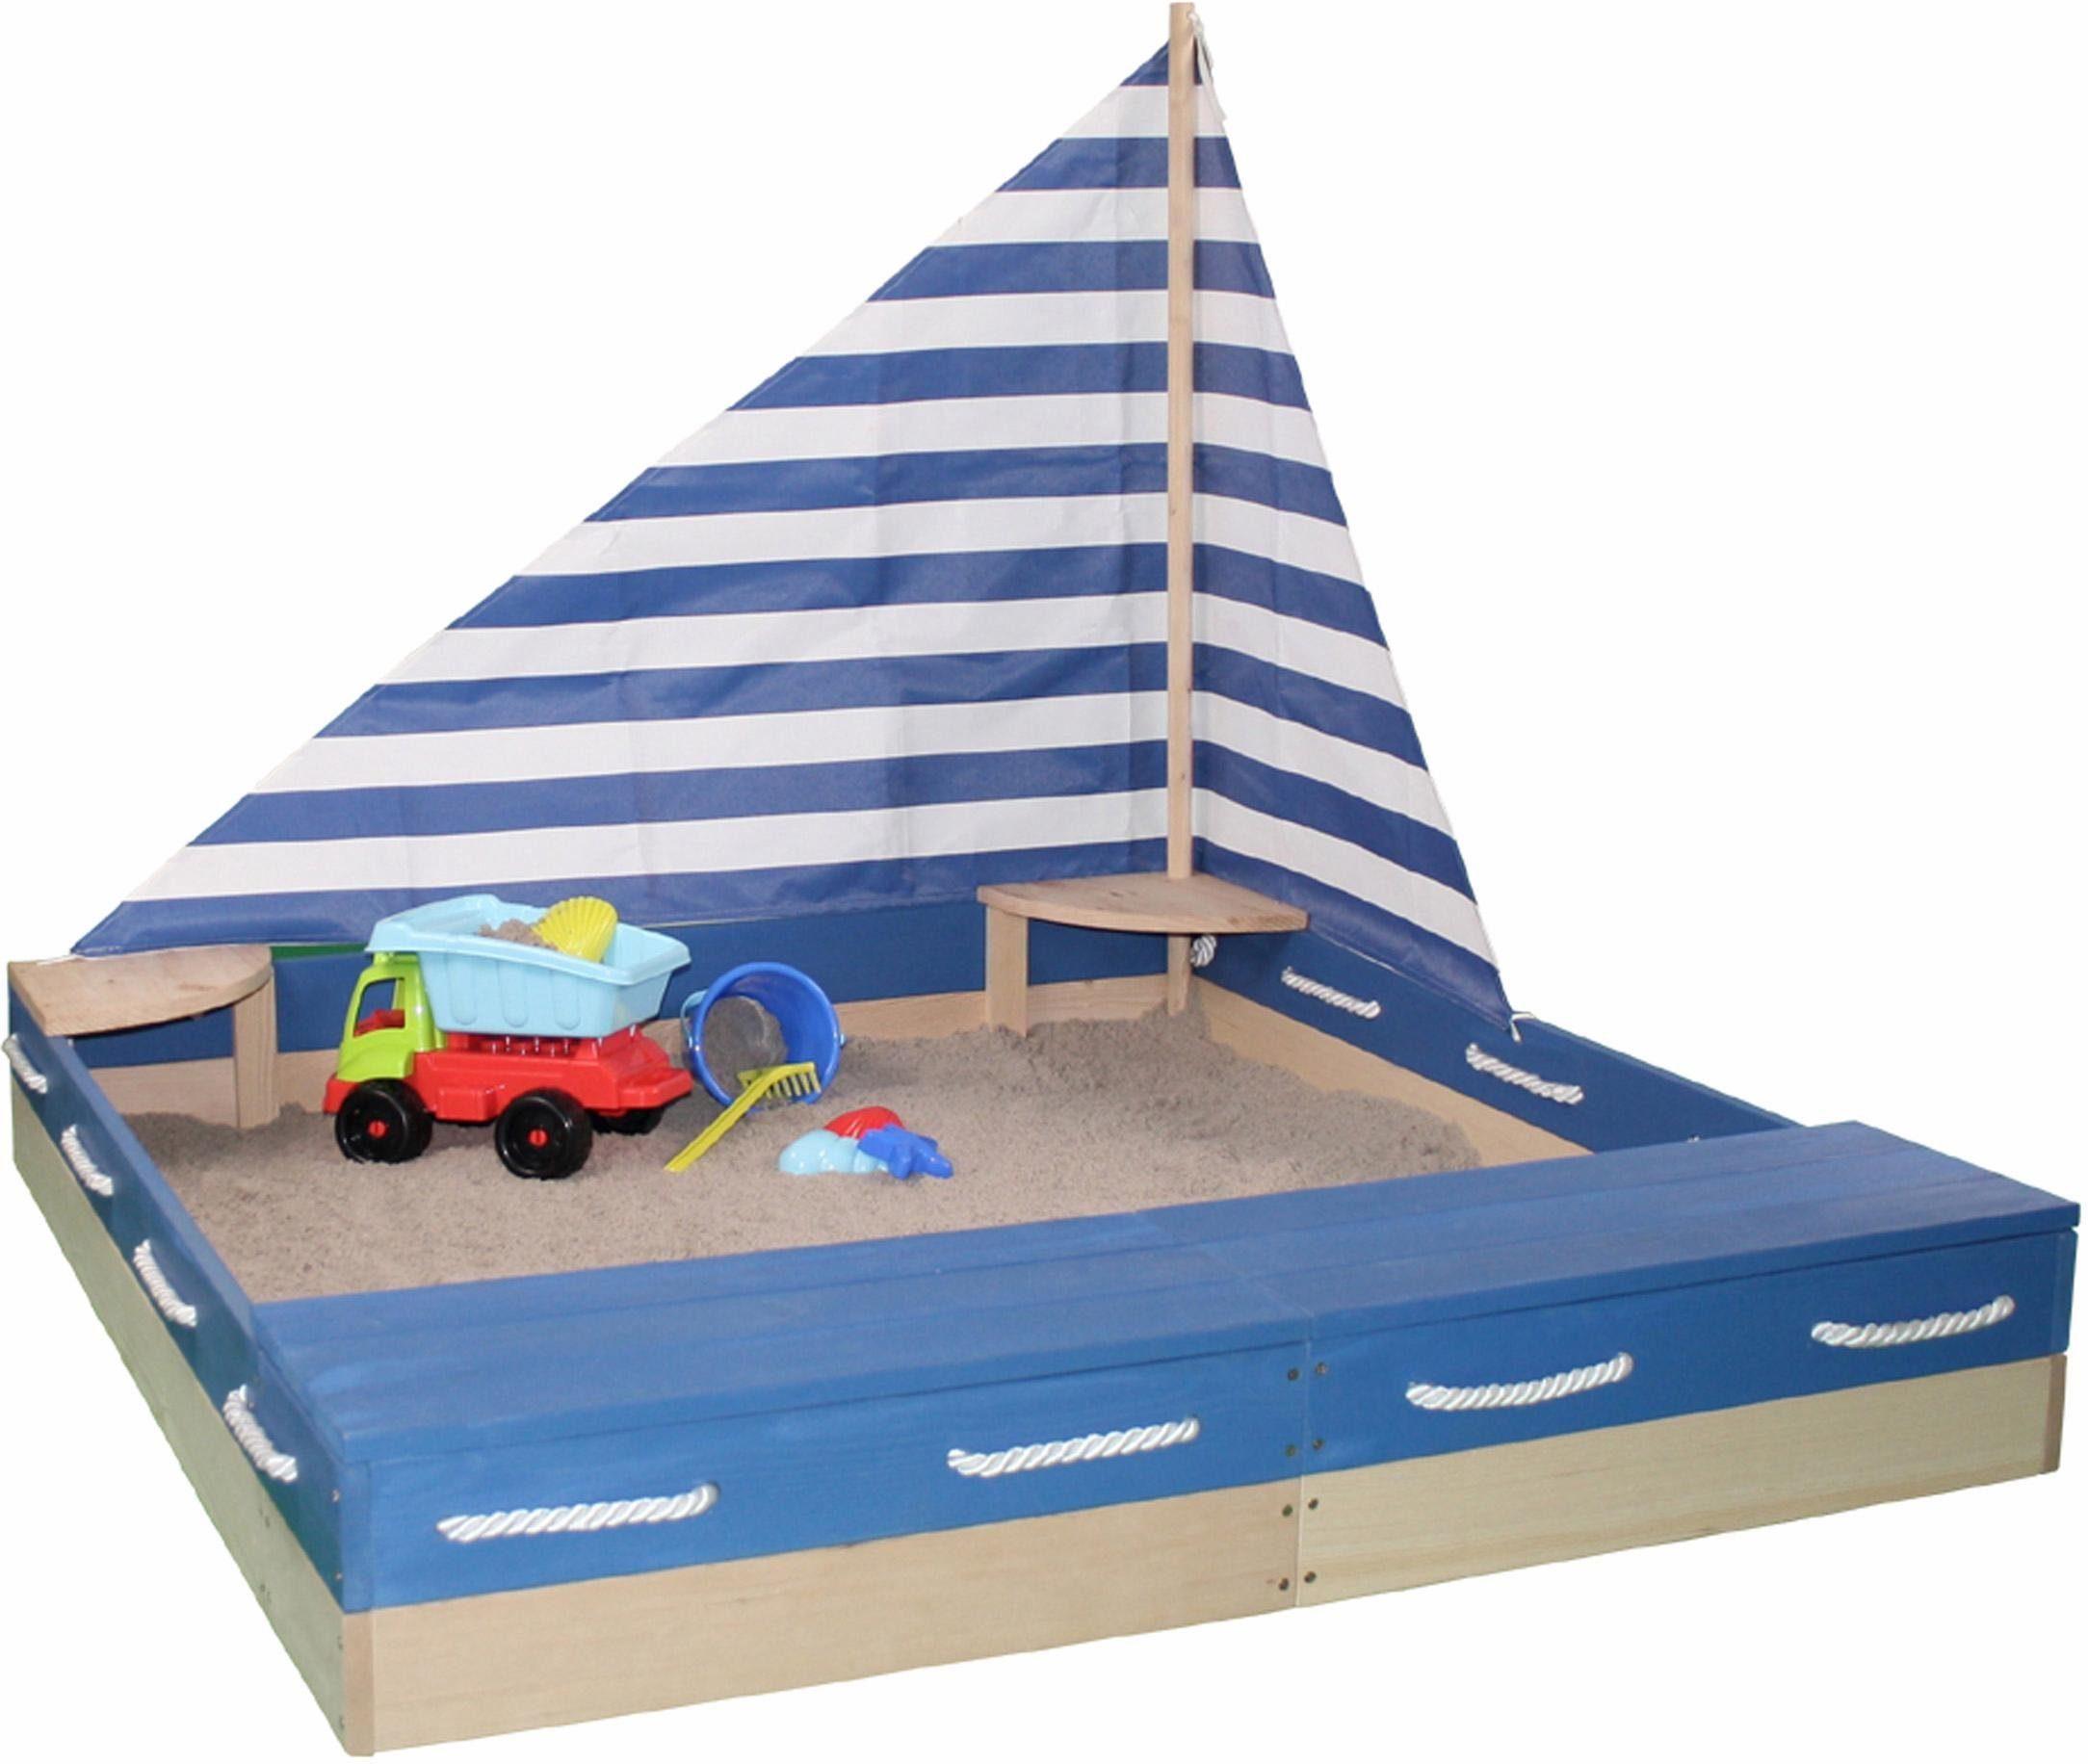 Sandkasten Störtebecker mit Segel Sandkiste Sandkasten & Spielzeug Spielzeug für draußen